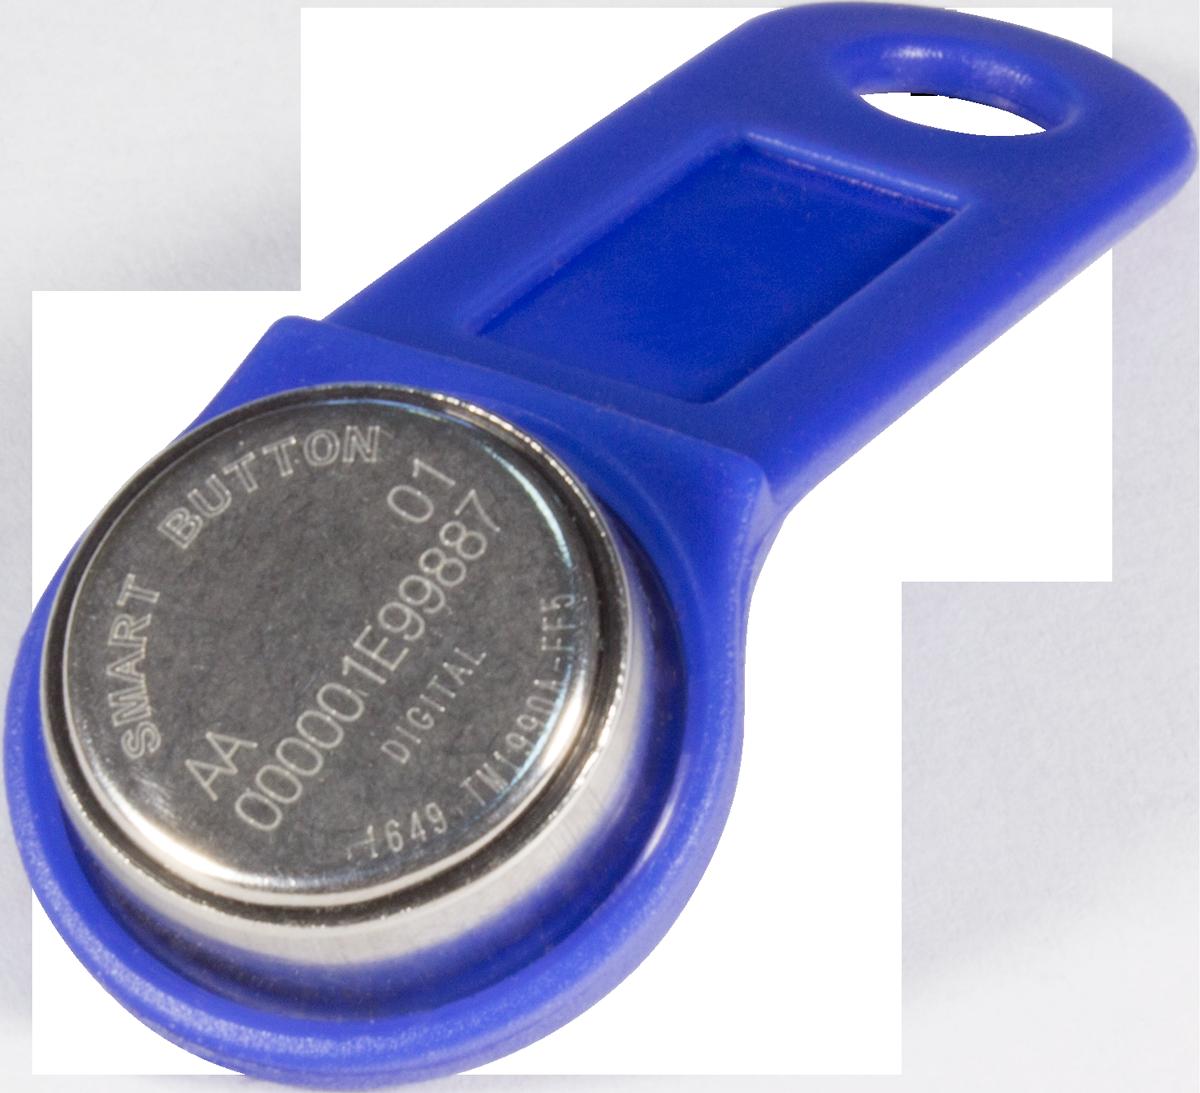 Ключ Touch Memory TM1990A iButton TS (синий)